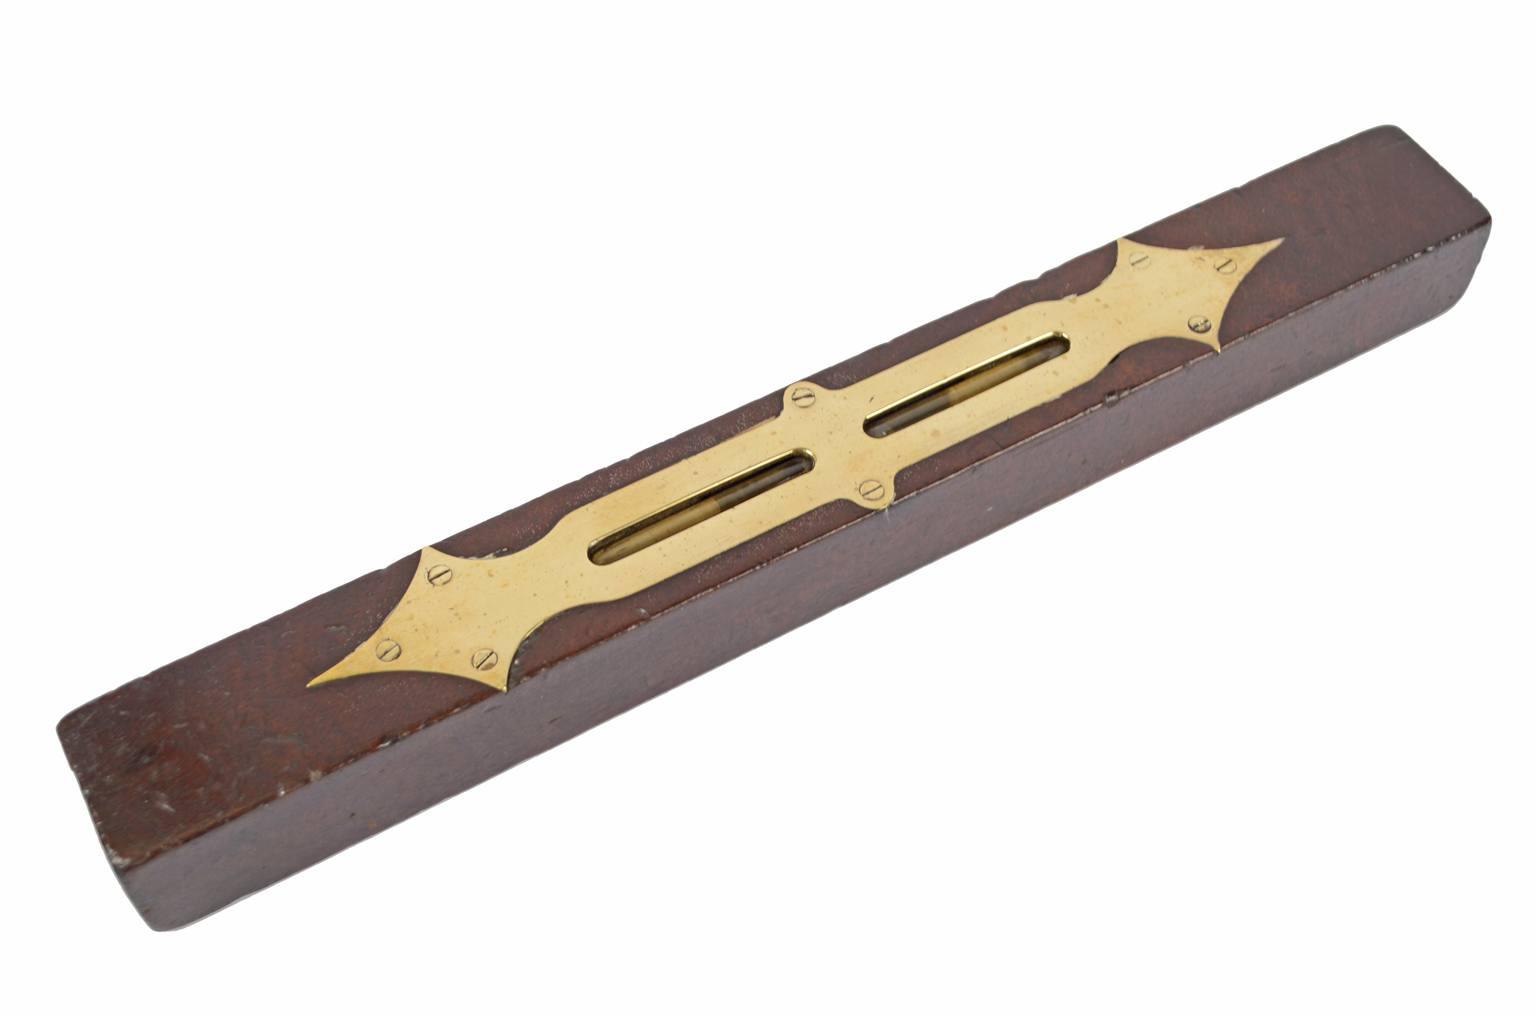 Strumenti di misura antichi/6344-Livella antica